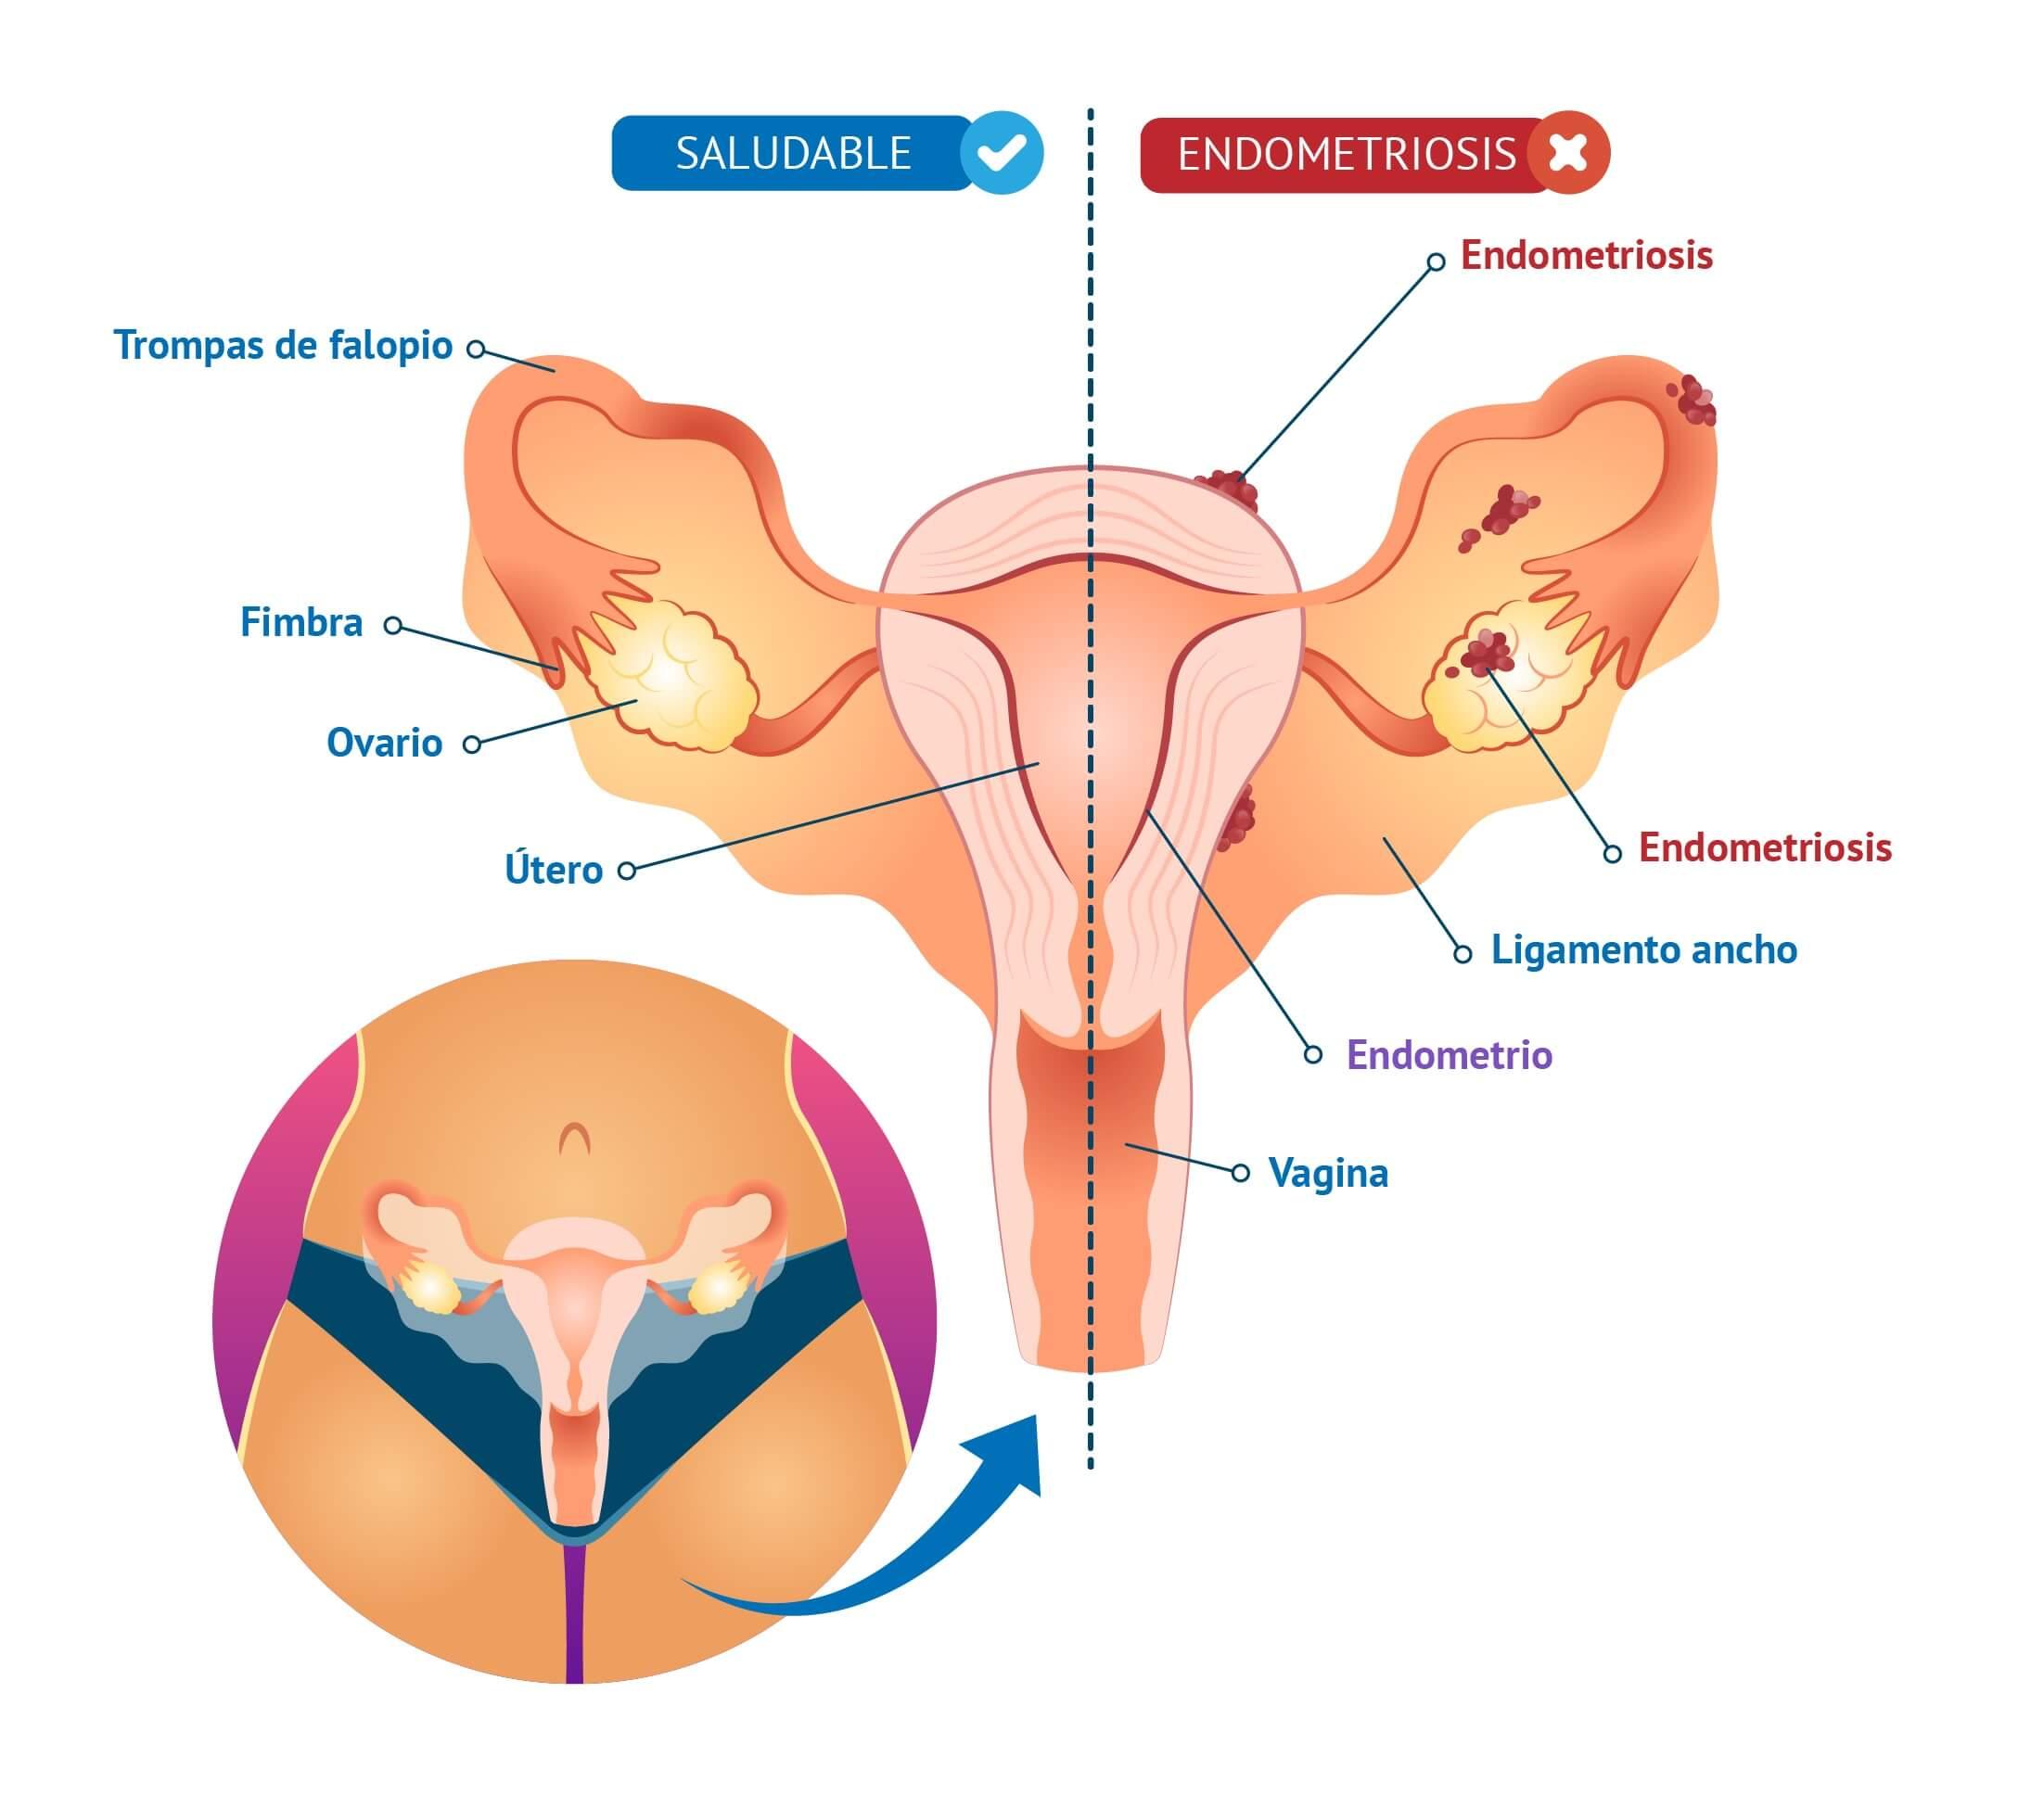 endometriosis-sintomas-tratamiento-diagnostico